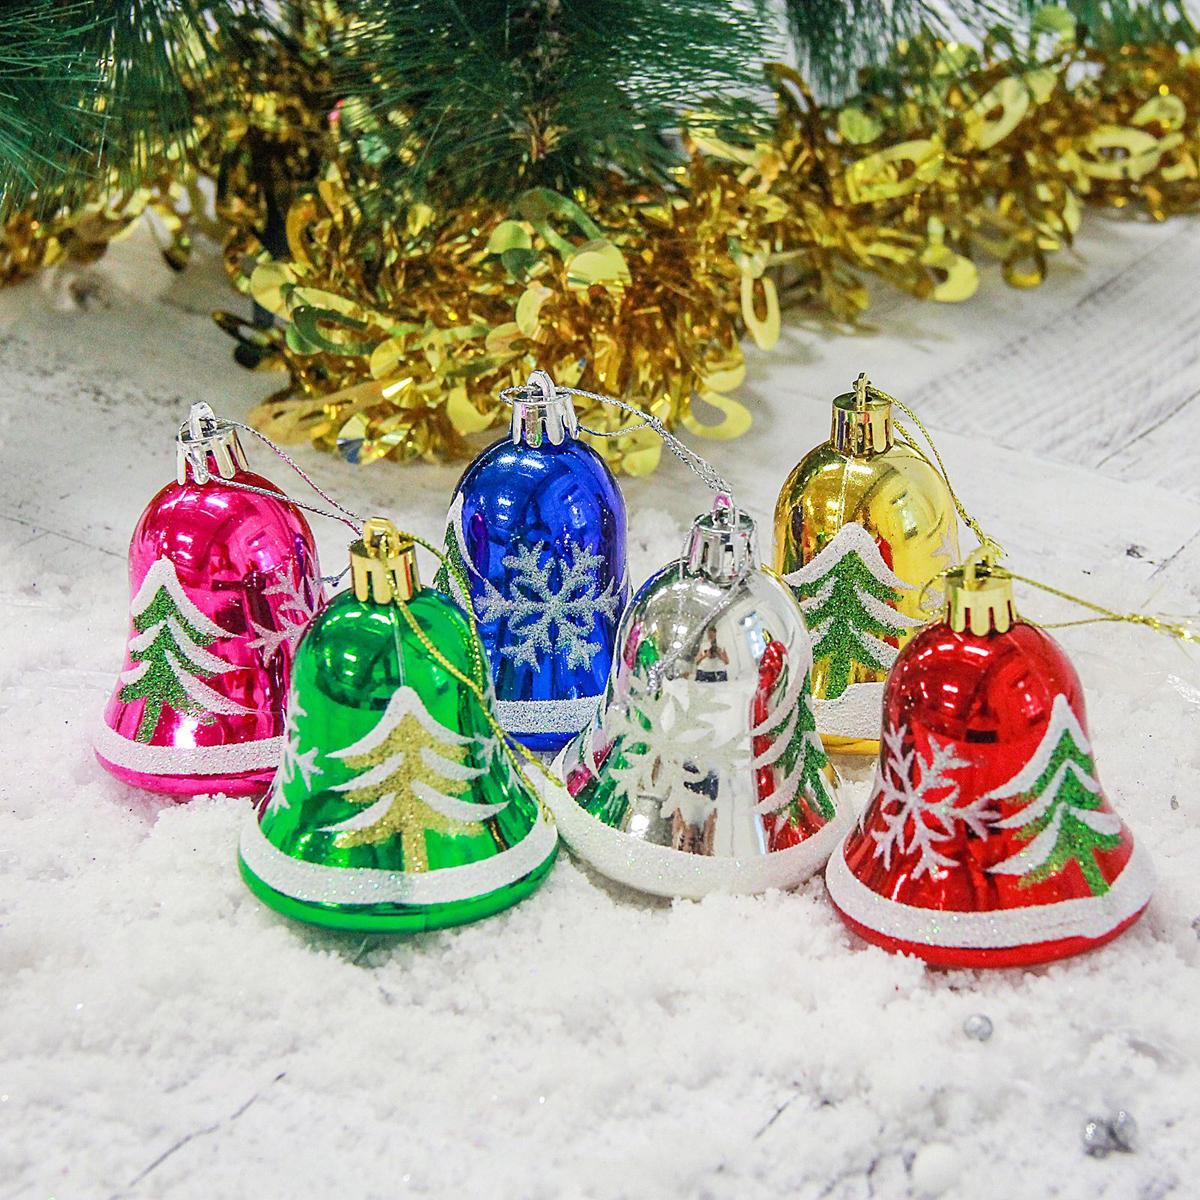 Набор новогодних подвесных украшений Колокольчик, елочка, 5 х 5,5 см, 6 шт2178123Набор новогодних подвесных украшений отлично подойдет для декорации вашего дома и новогодней ели. С помощью специальной петельки украшение можно повесить в любом понравившемся вам месте. Но, конечно, удачнее всего оно будет смотреться на праздничной елке.Елочная игрушка - символ Нового года. Она несет в себе волшебство и красоту праздника. Такое украшение создаст в вашем доме атмосферу праздника, веселья и радости.